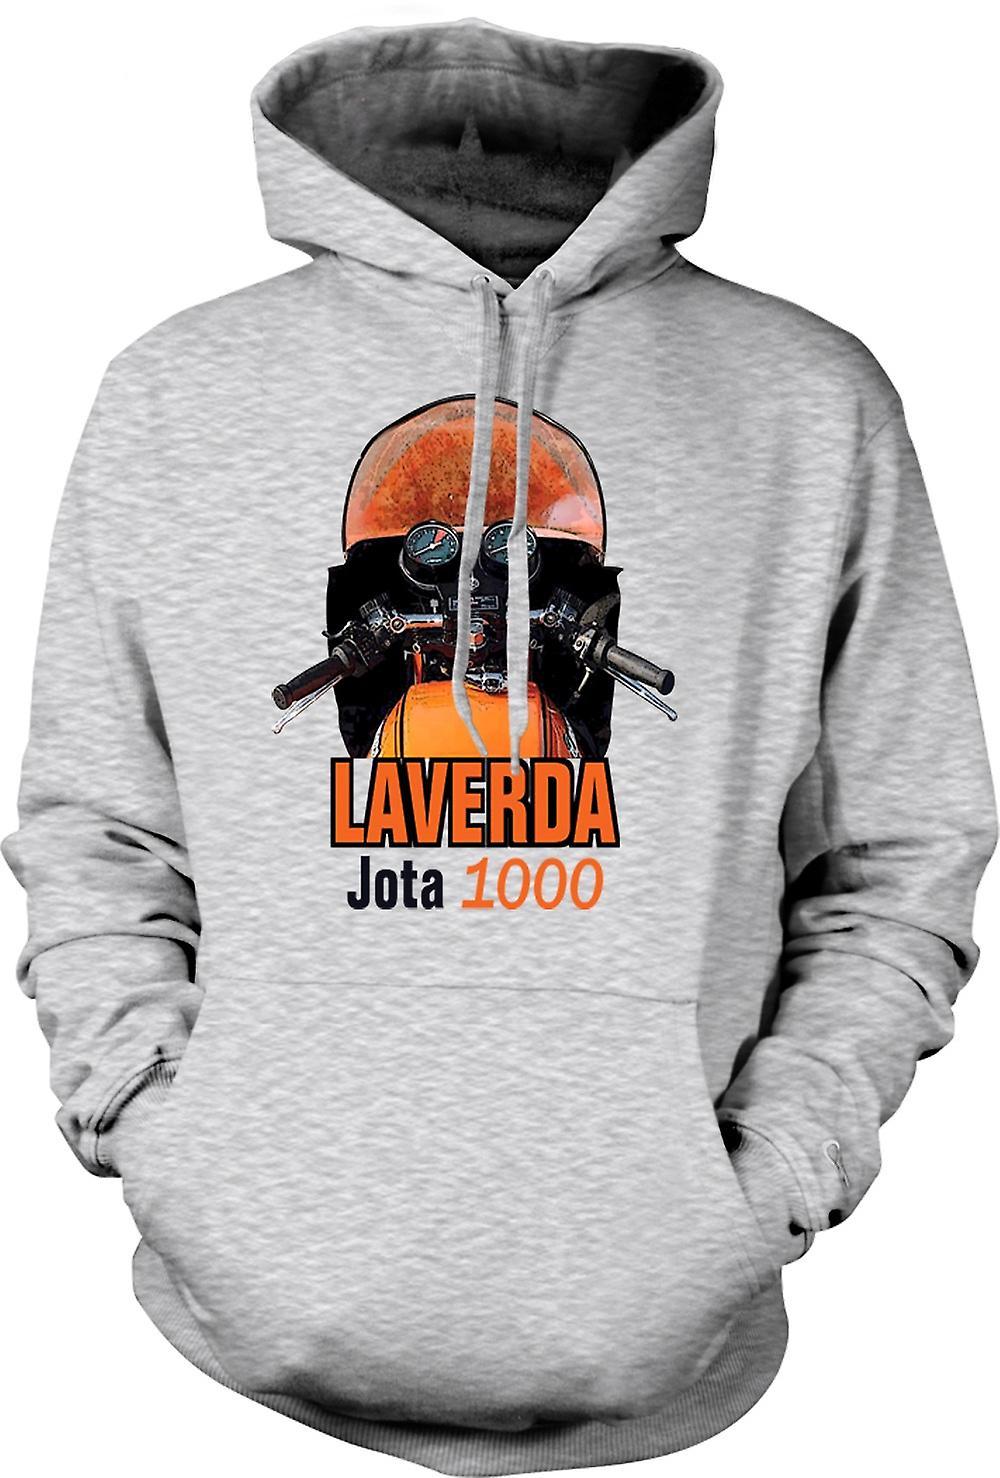 Mens hettegenser - Laverda Jota 1000 klassisk sykkel